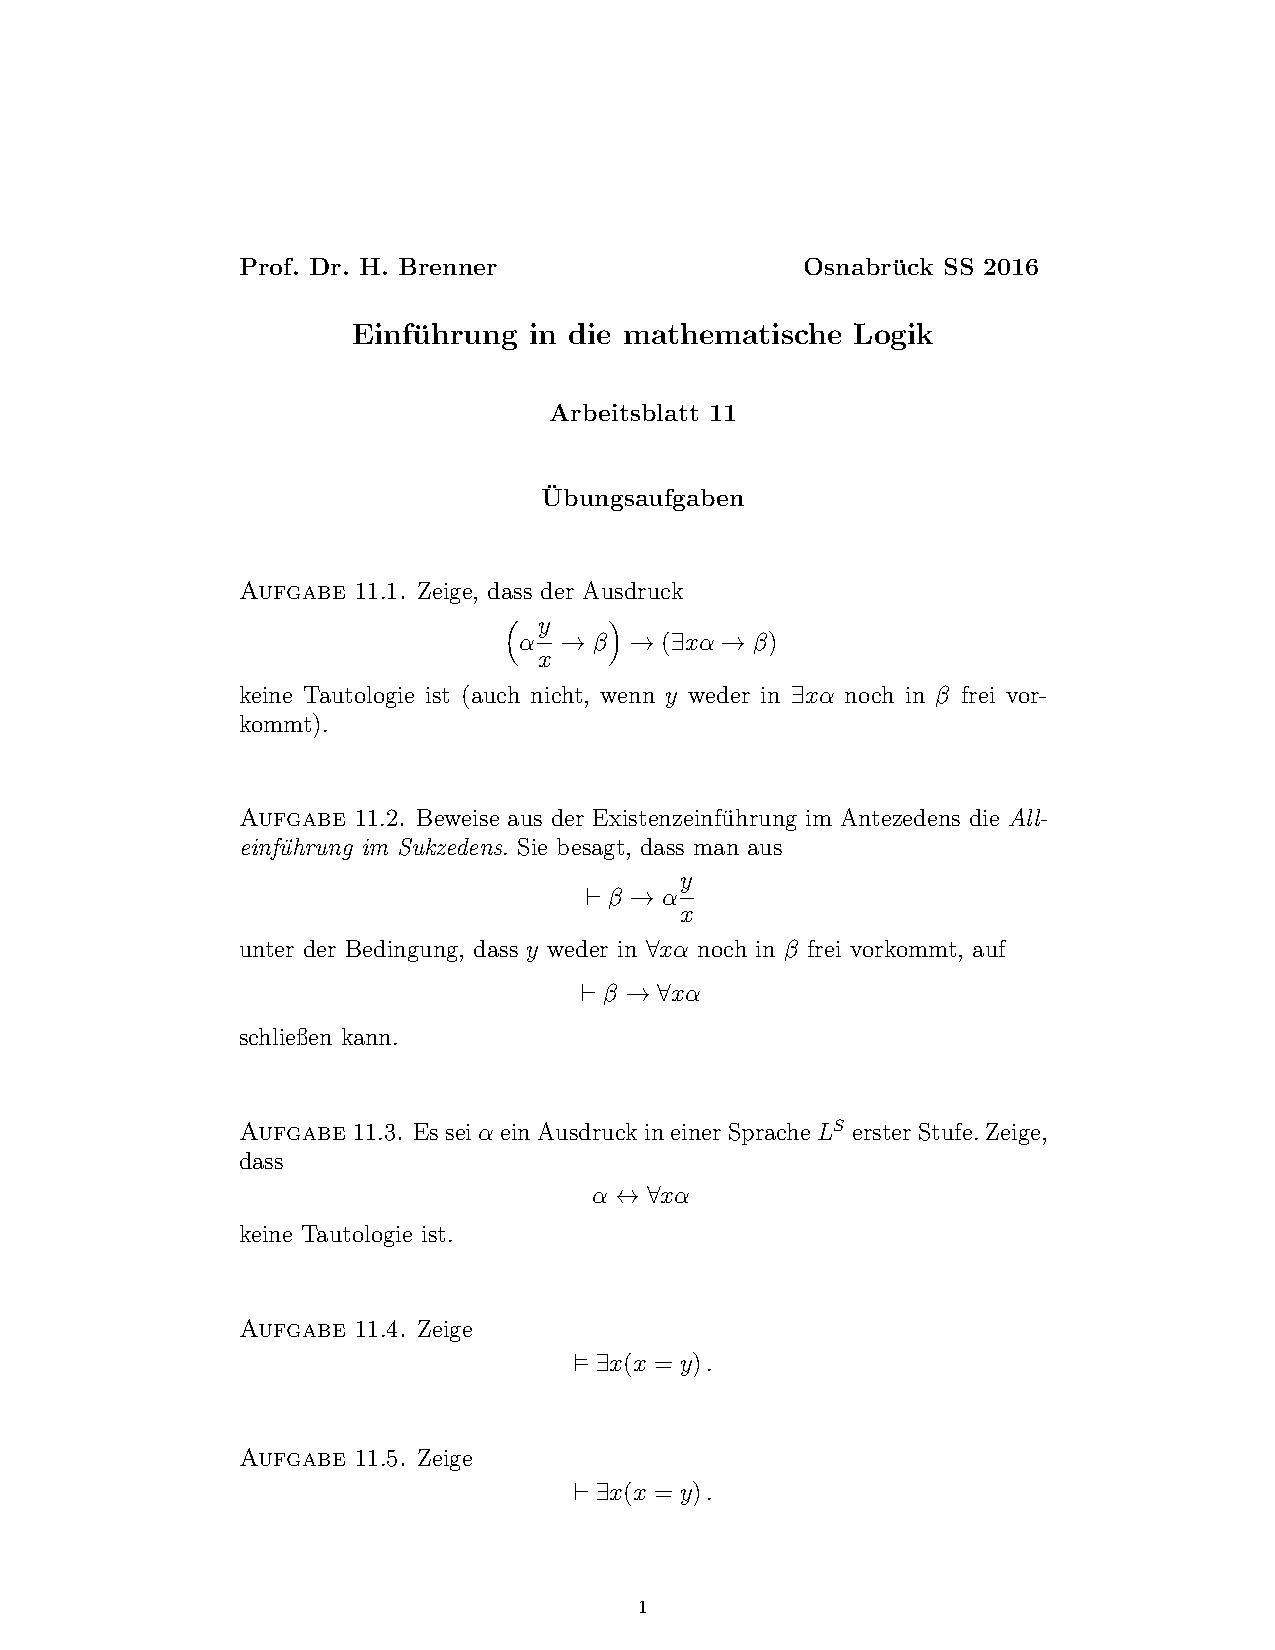 Ausgezeichnet Geometrie Logik Arbeitsblatt Bilder - Super Lehrer ...